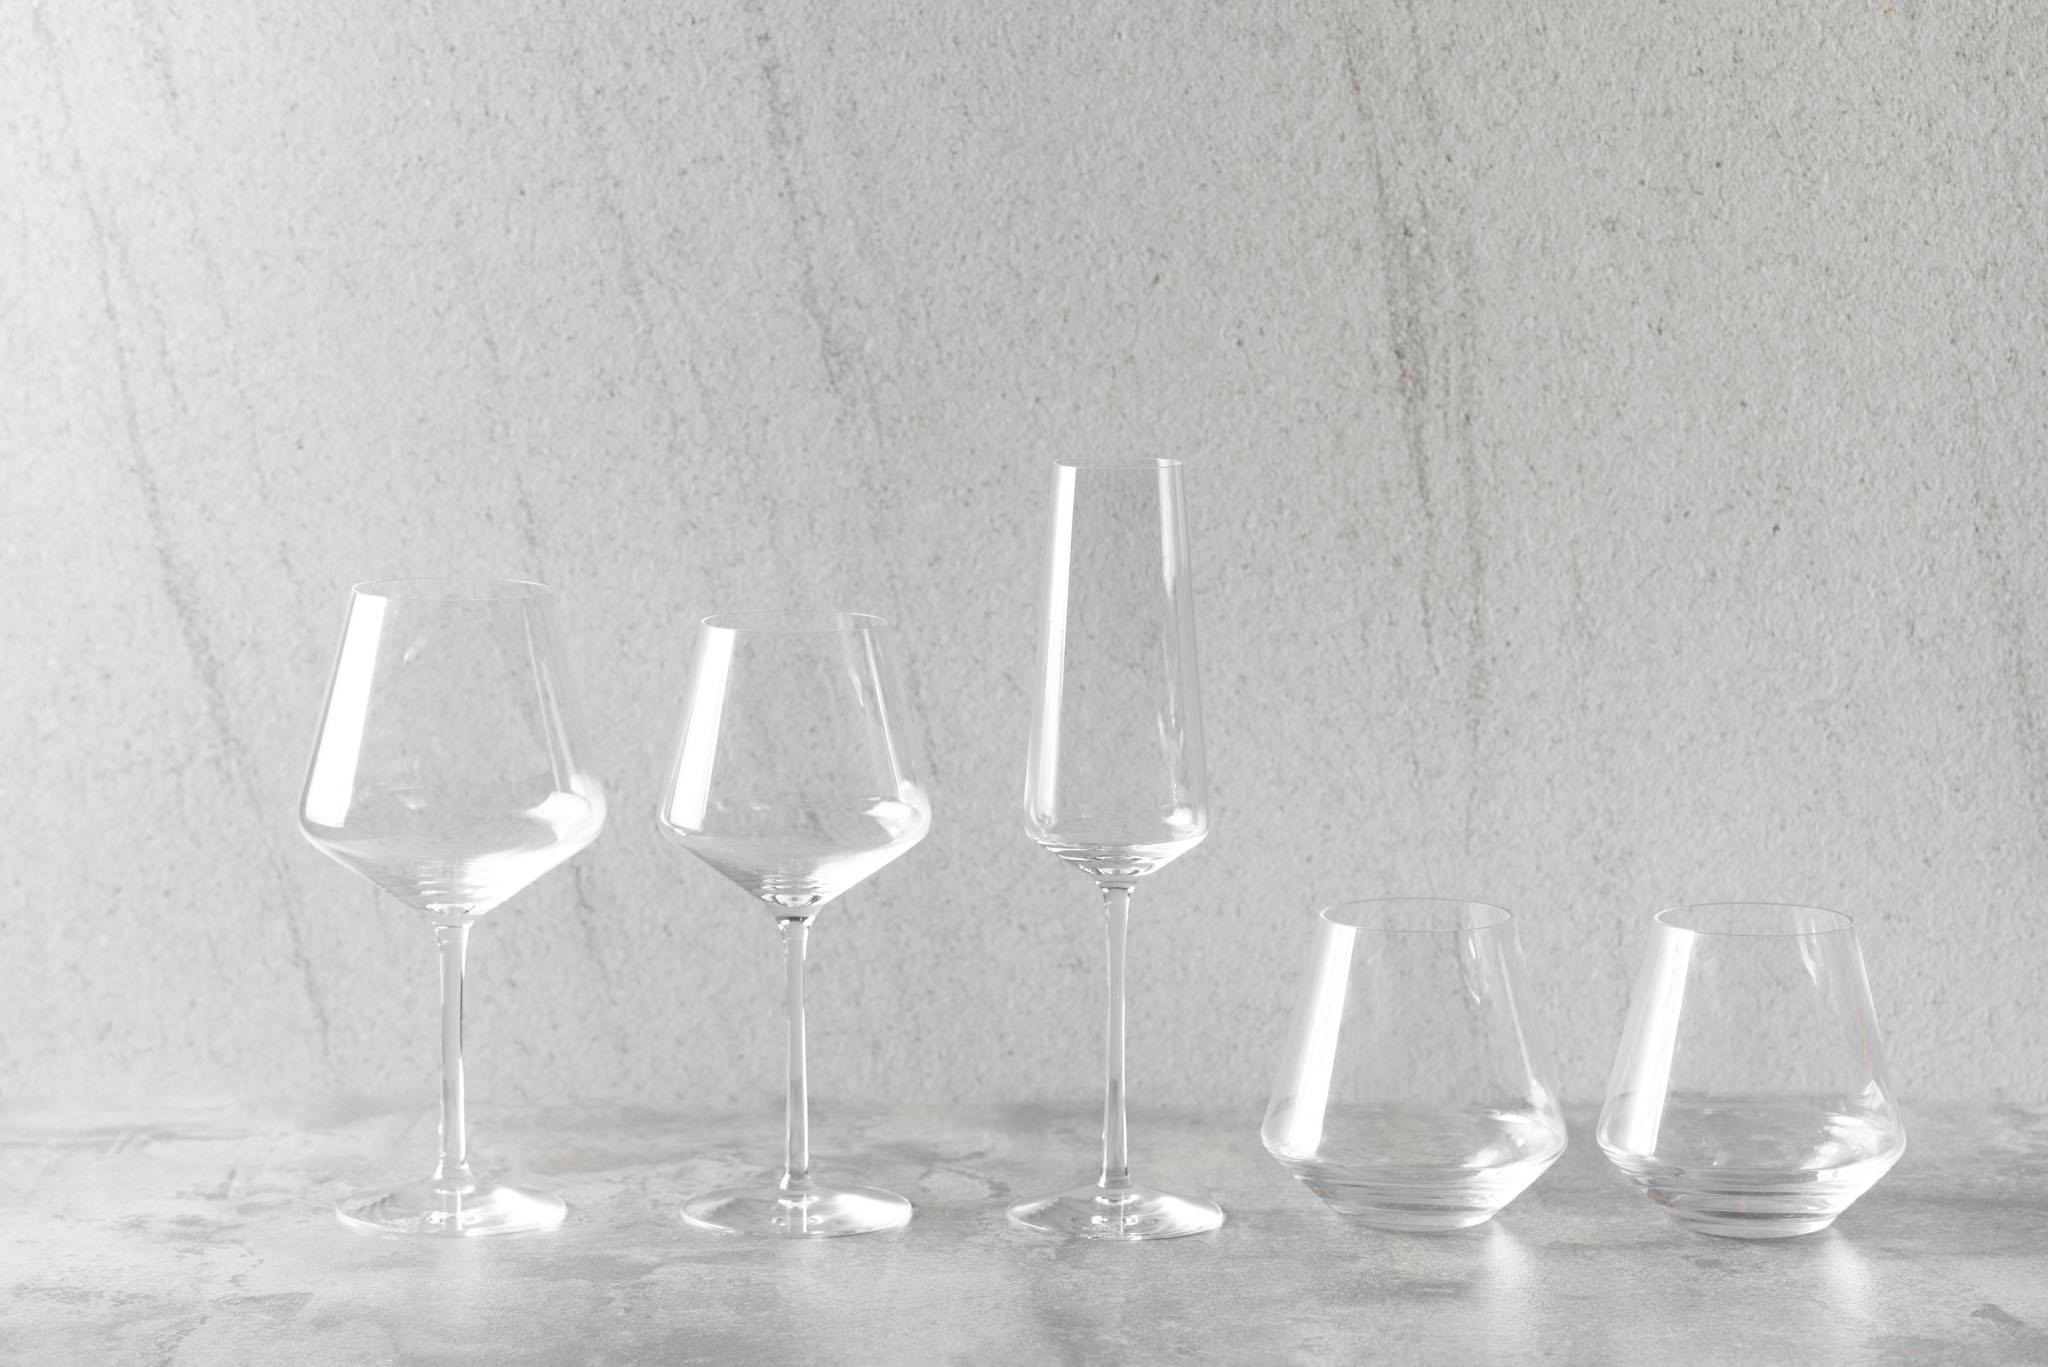 歐洲 ROGASKA 水晶玻璃 STOP 沉思者